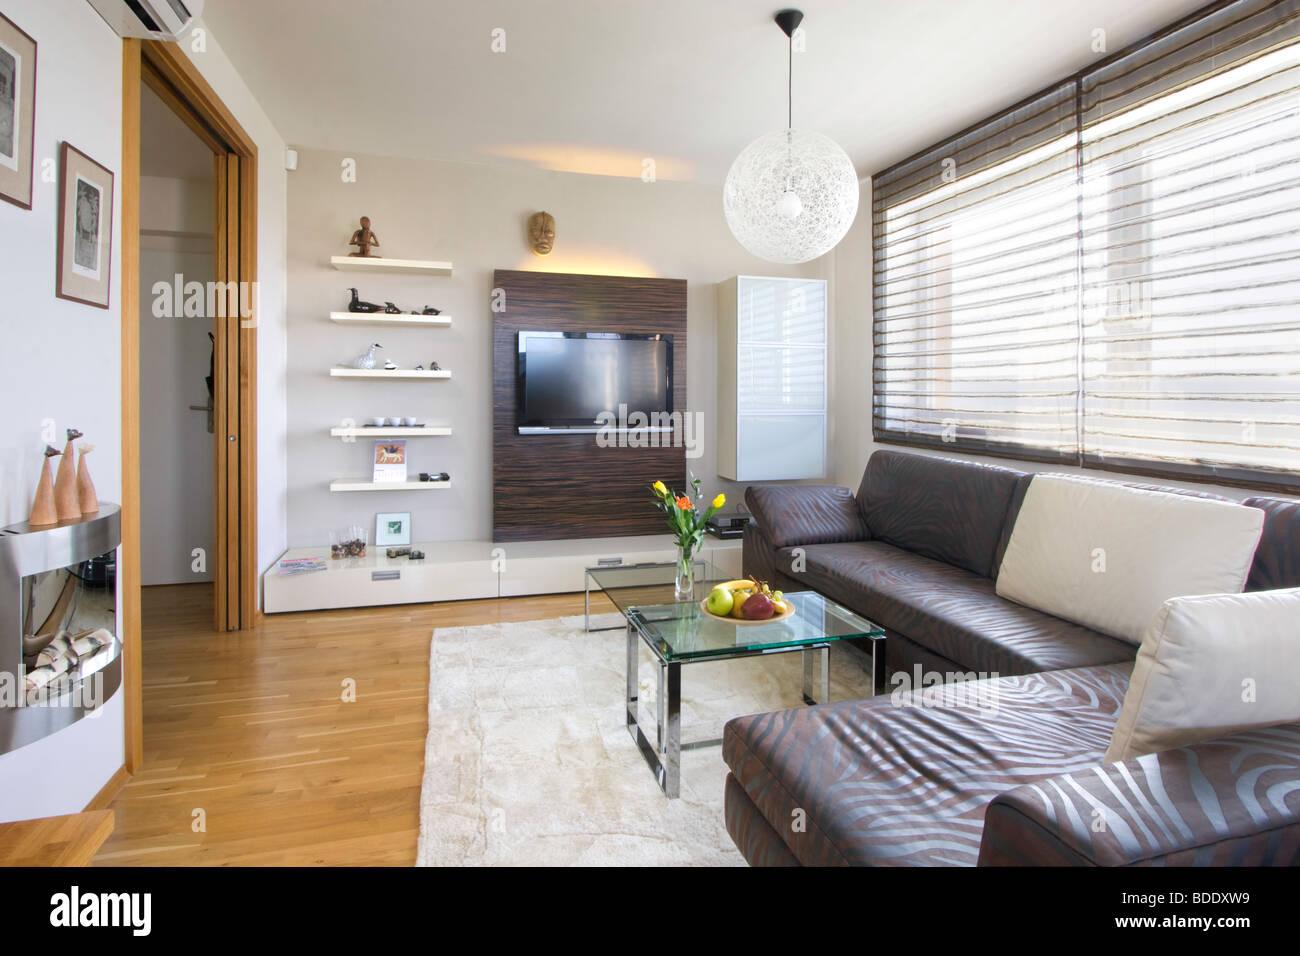 Liebenswert Moderne Wohnzimmer Bilder Ideen Von